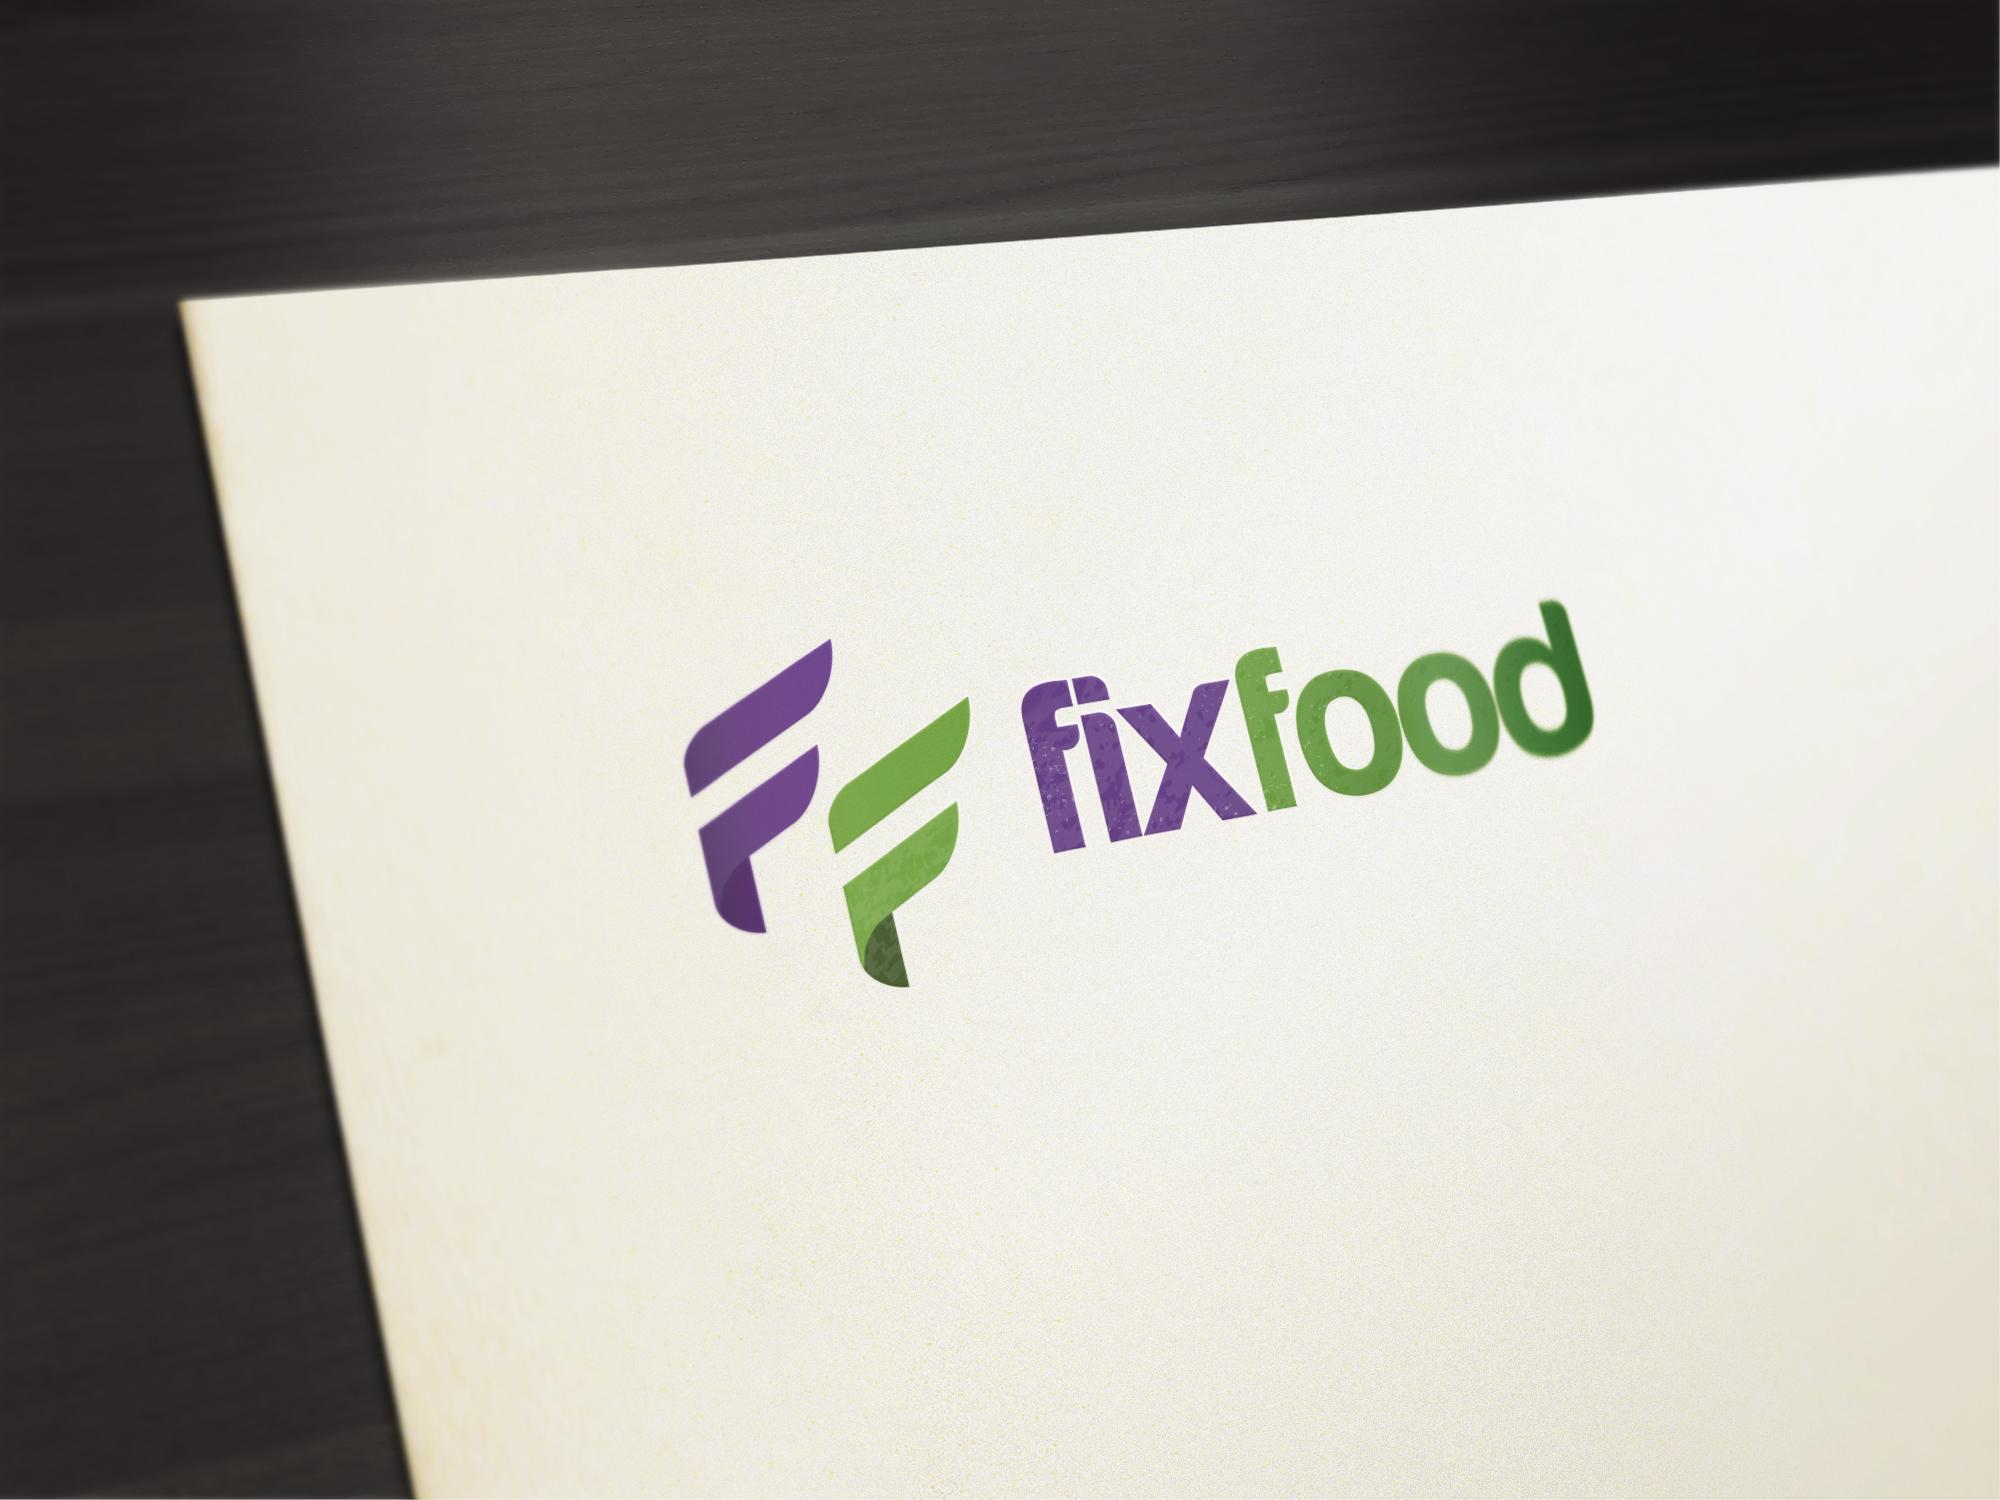 Логотип для доставки еды фото f_2155ec4ce24afb1b.jpg